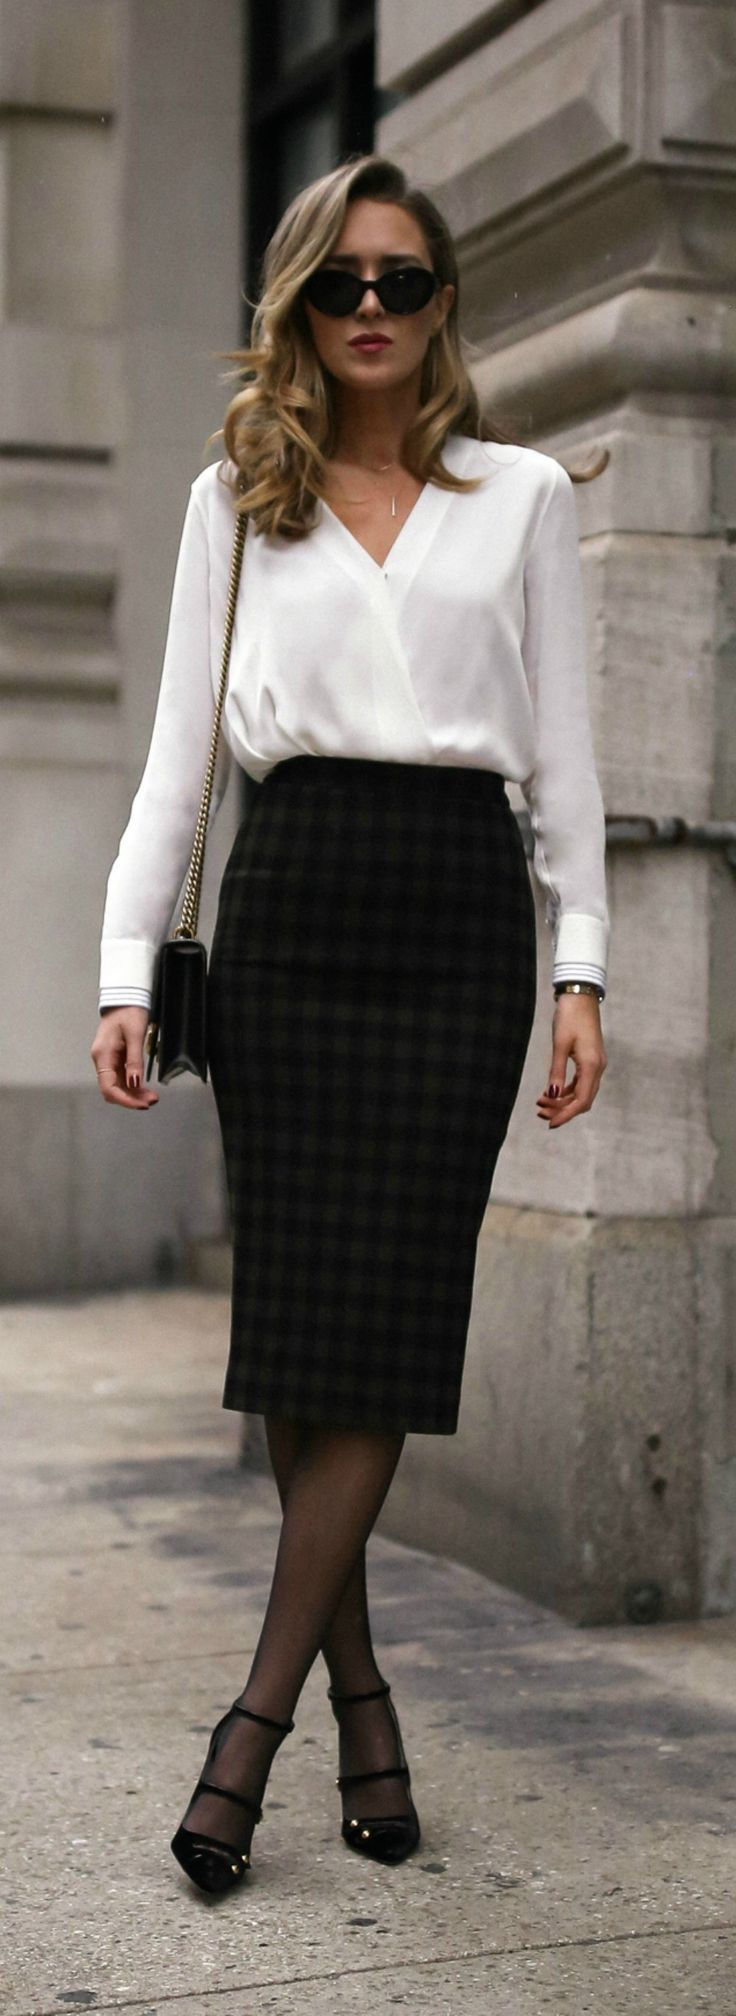 25+ süße Fashion Blogger Stil Ideen auf Pinterest ...